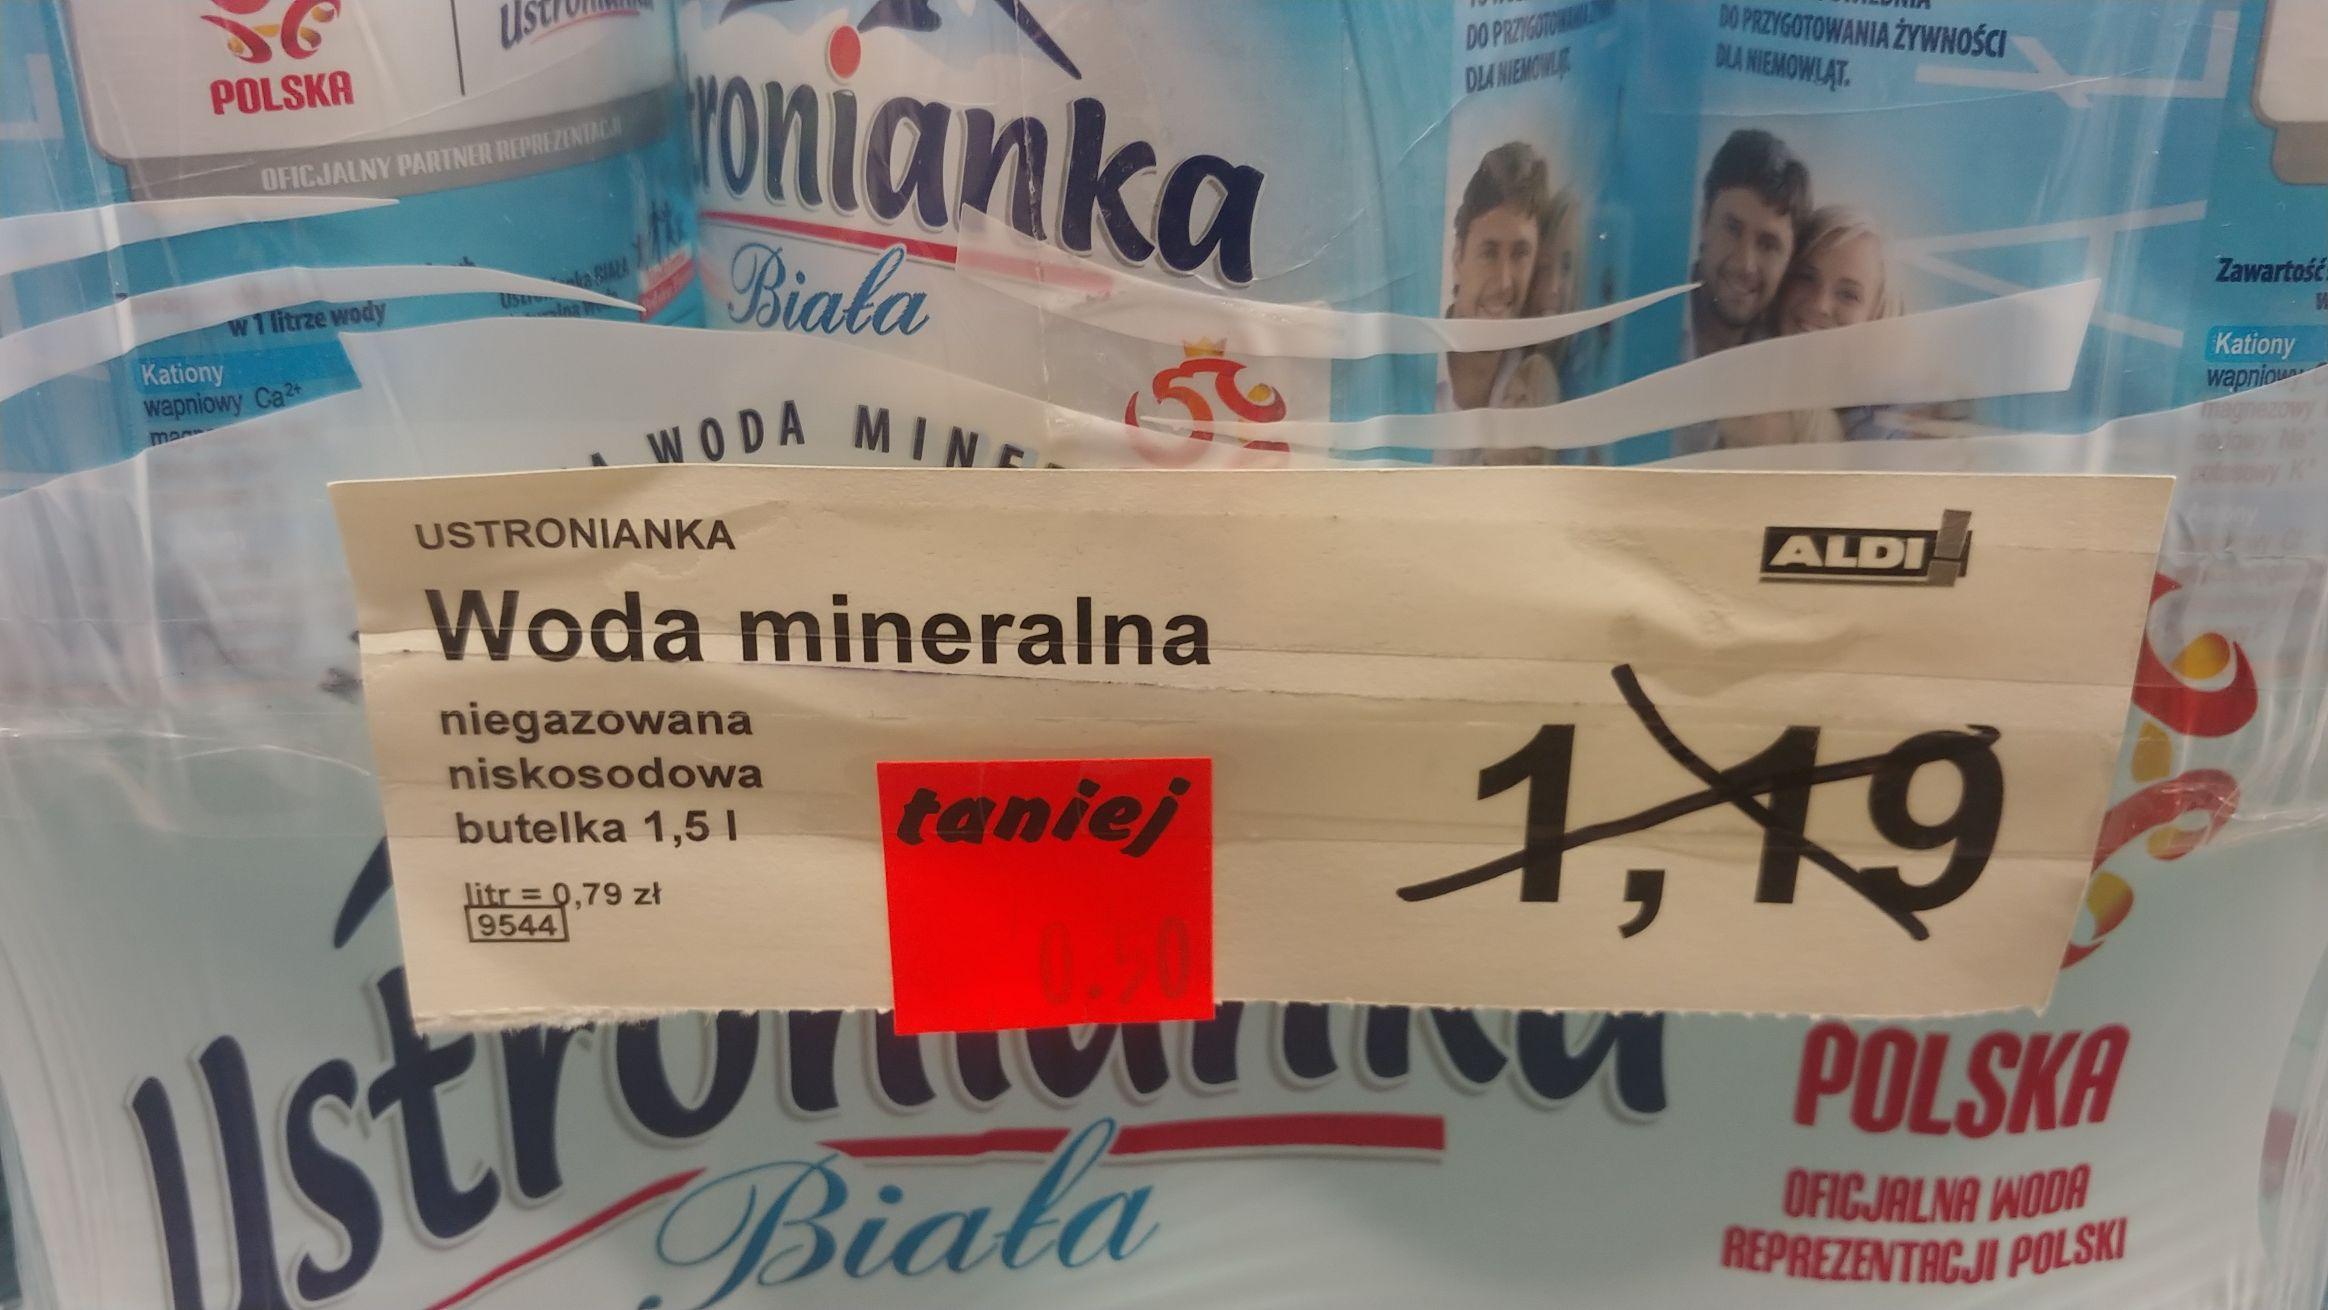 Woda mineralna 1.5l niegazowana Ustronianka Biała Niskosodowa Aldi